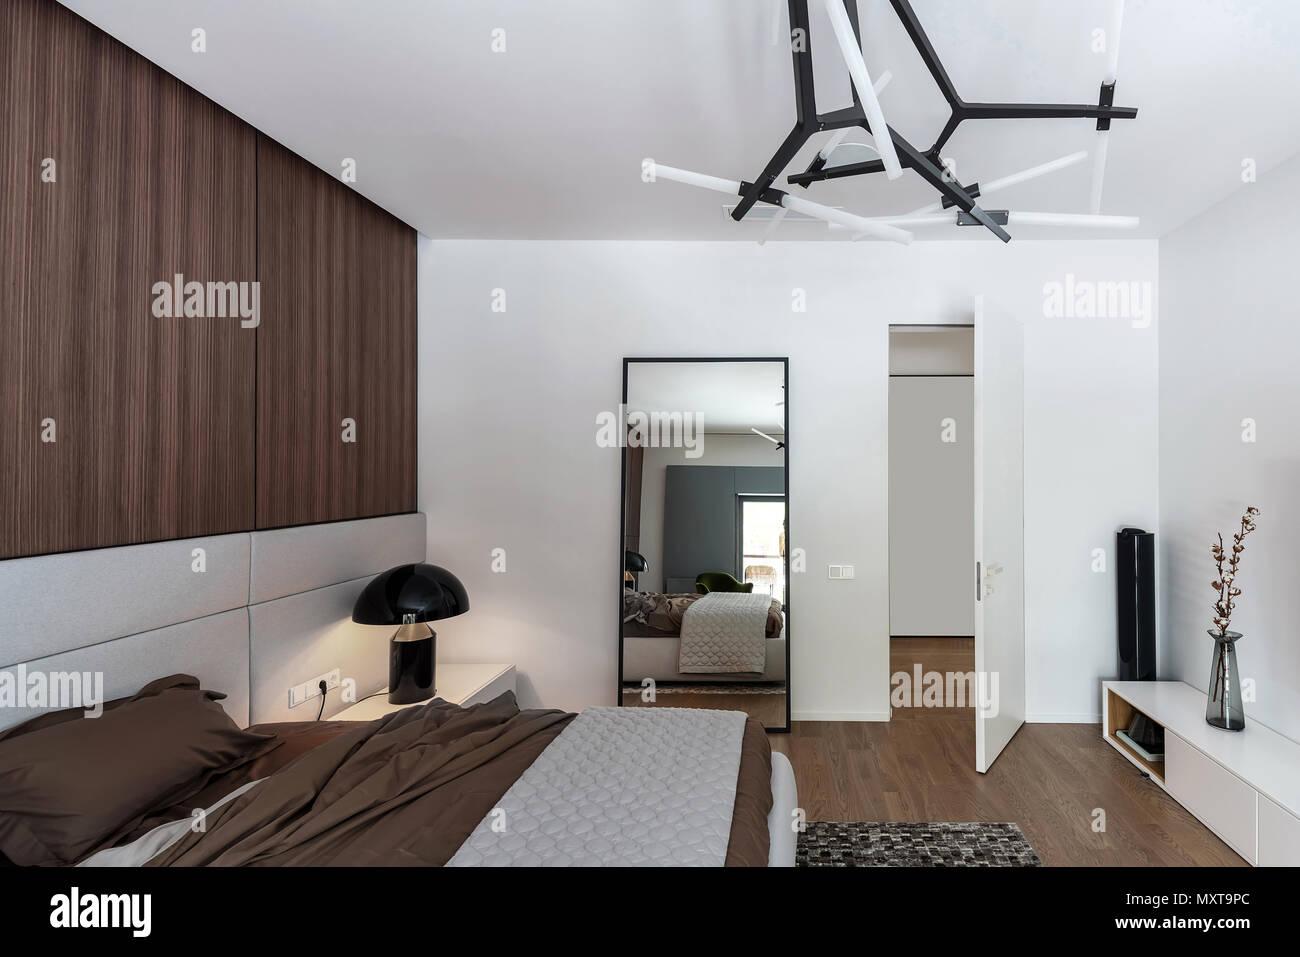 Fußboden Schlafzimmer Lampen ~ Schlafzimmer in einem modernen stil mit weißen wänden und einem